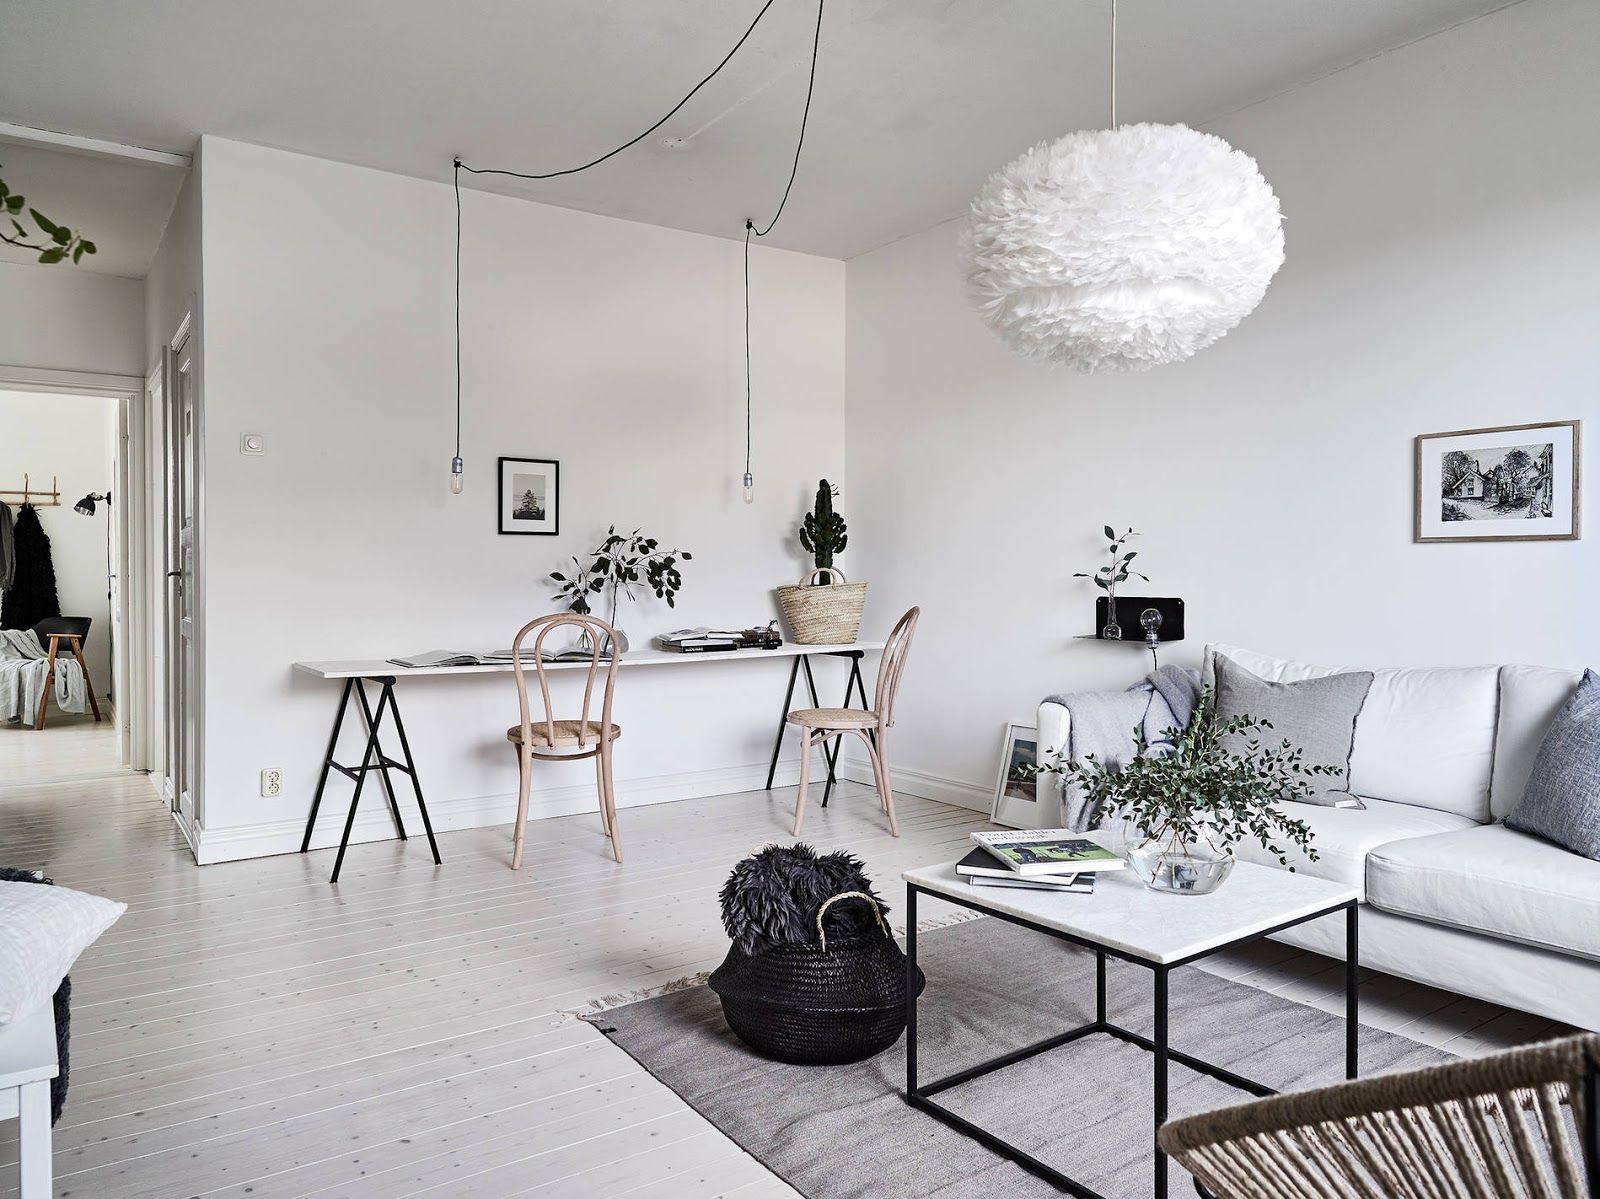 Lovable Simplistic Interior design attractor Lovable Simplistic